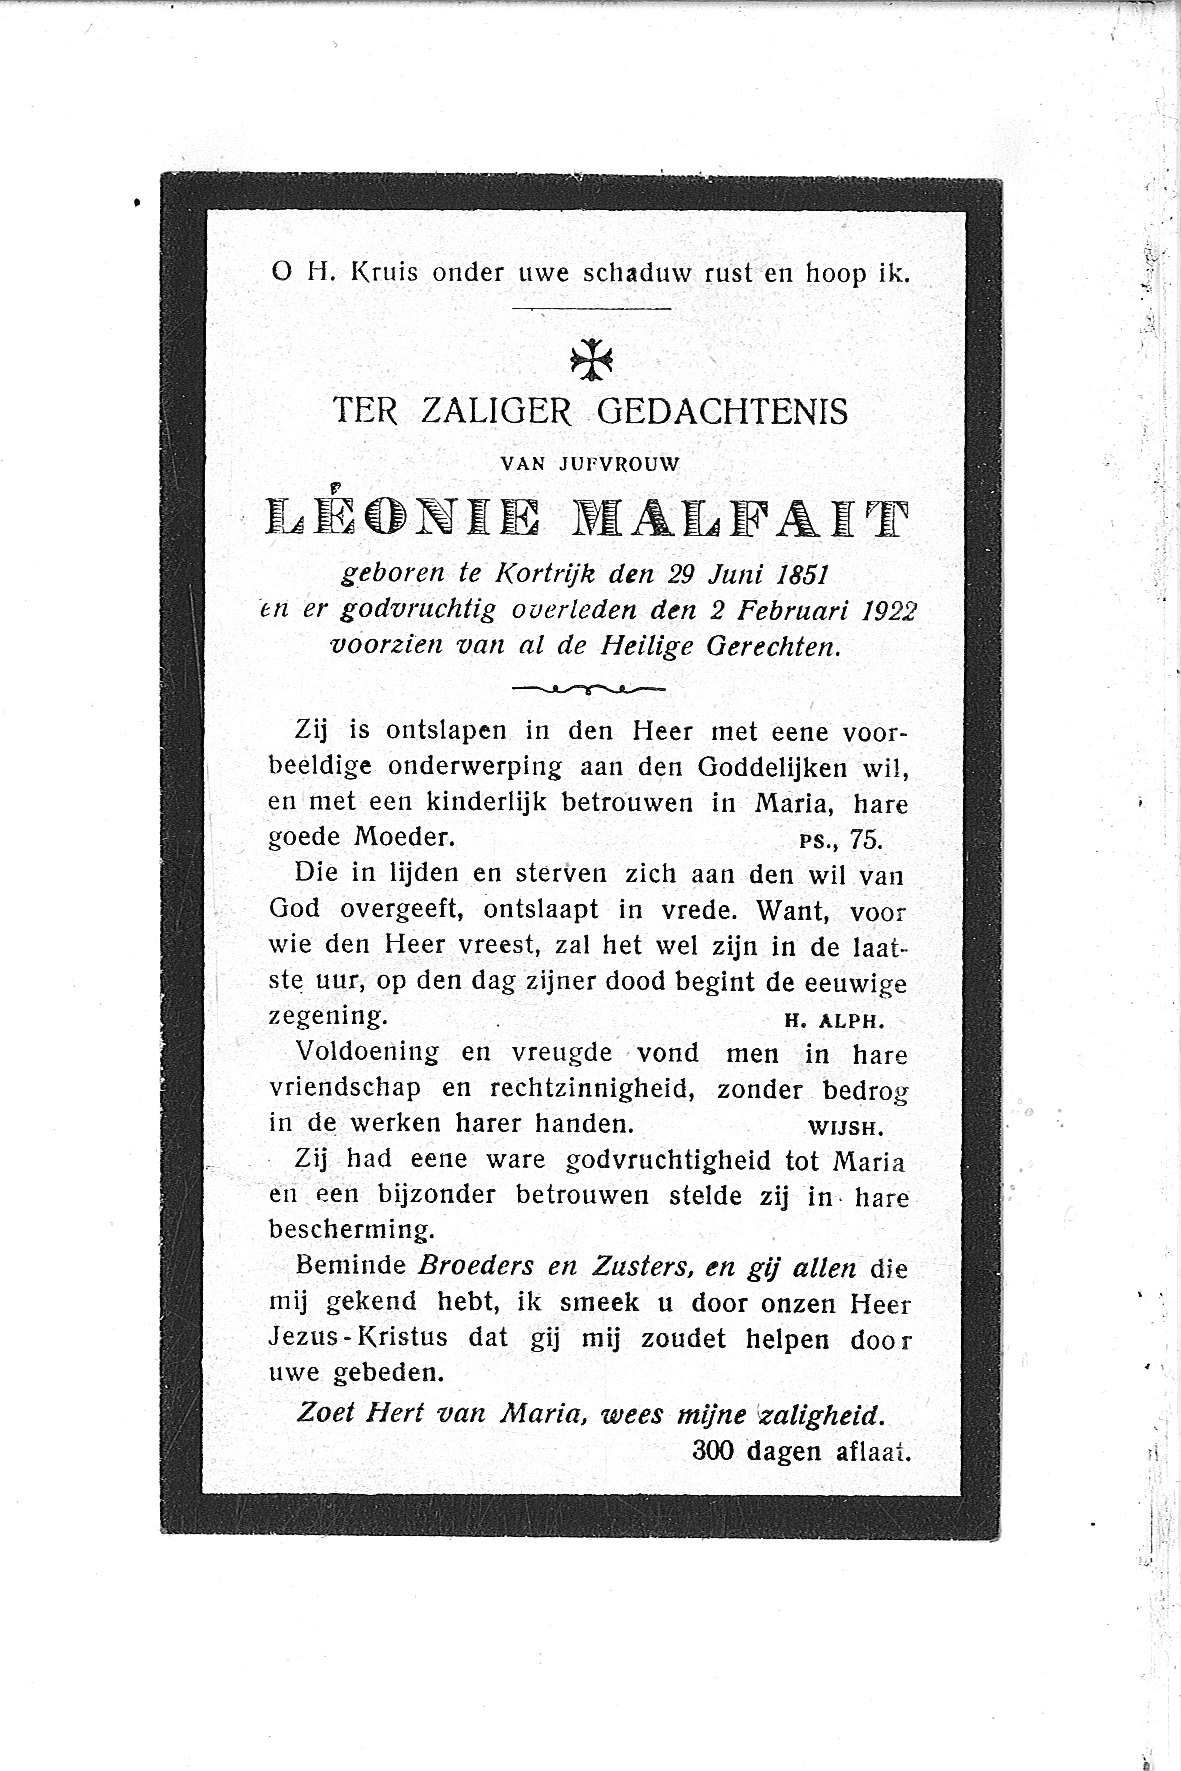 Léonie (1922) 20111121154356_00150.jpg